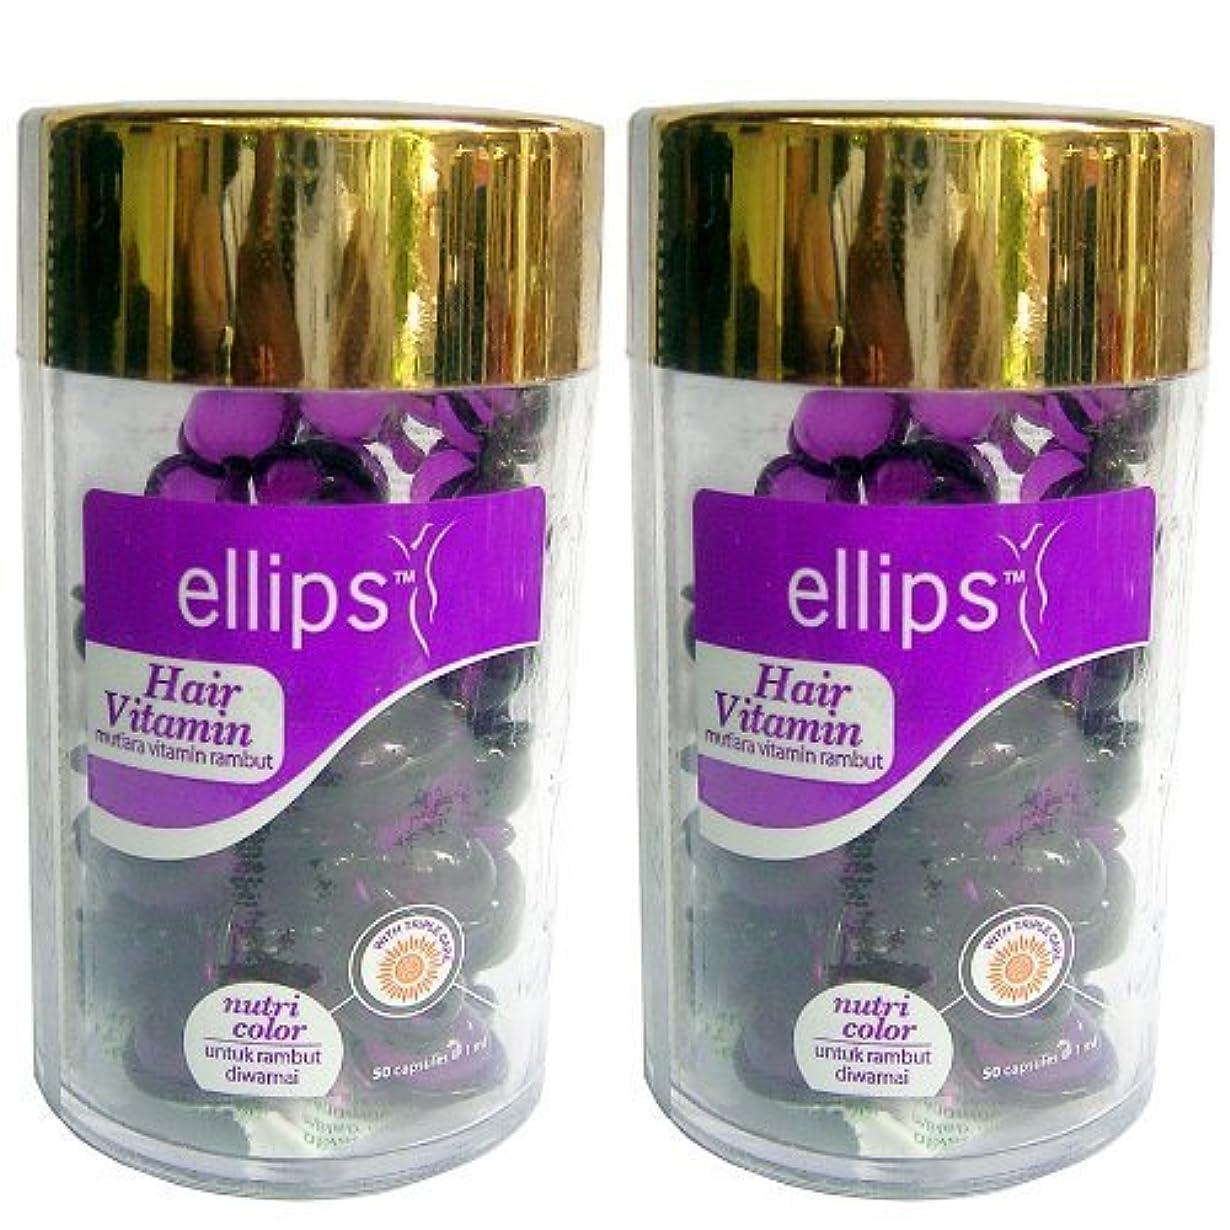 くるみ明確に高くEllips(エリプス)ヘアビタミン(50粒入)2個セット [並行輸入品][海外直送品] パープル